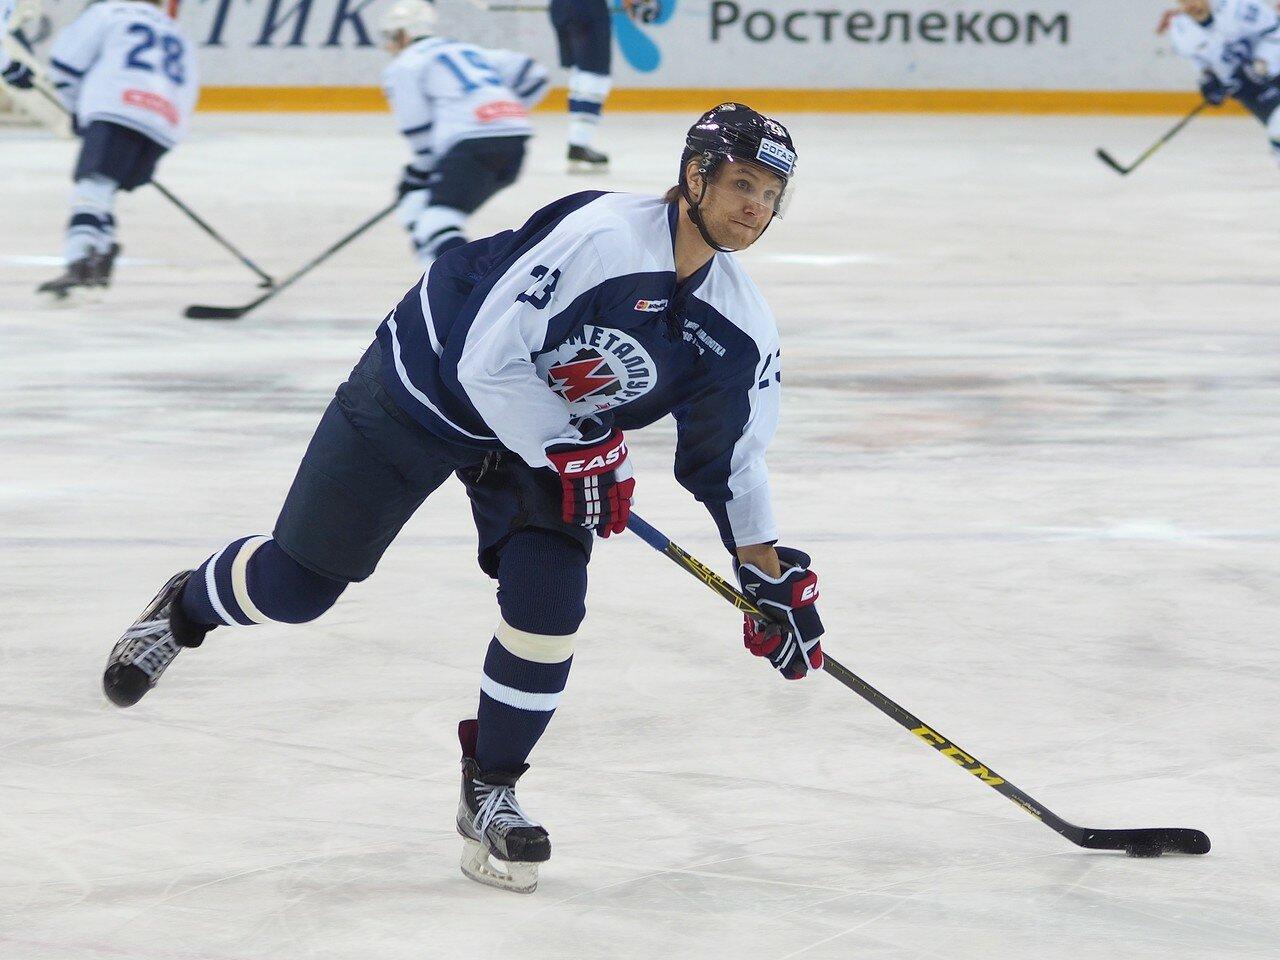 7Металлург - Динамо Москва 28.12.2015